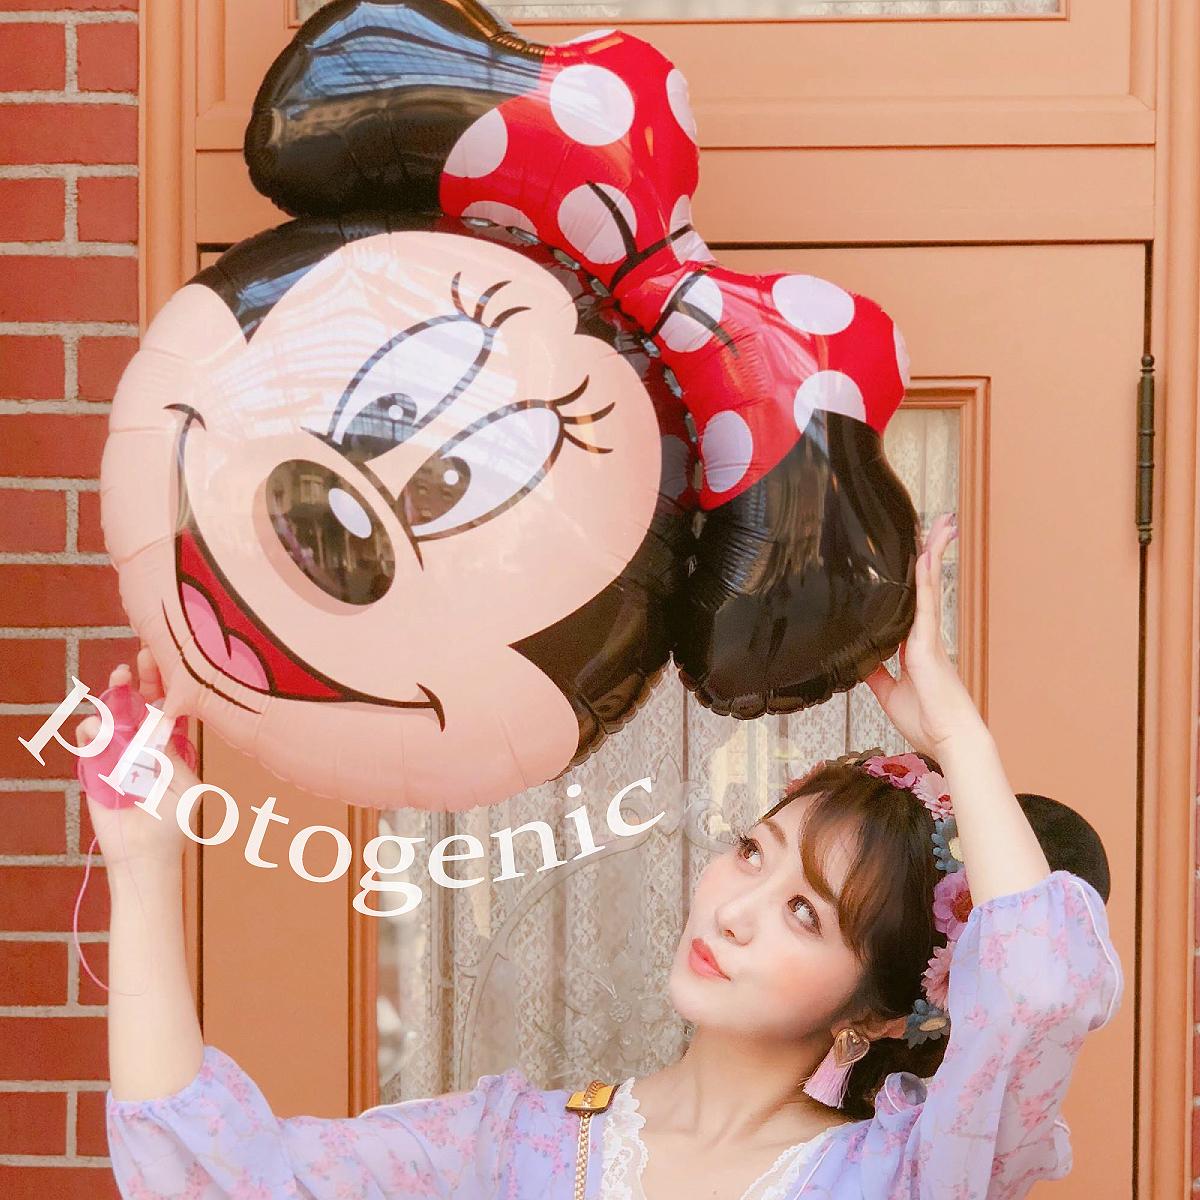 ディズニー風船 と #ディズニー香水 で楽しむ東京ディズニーランド